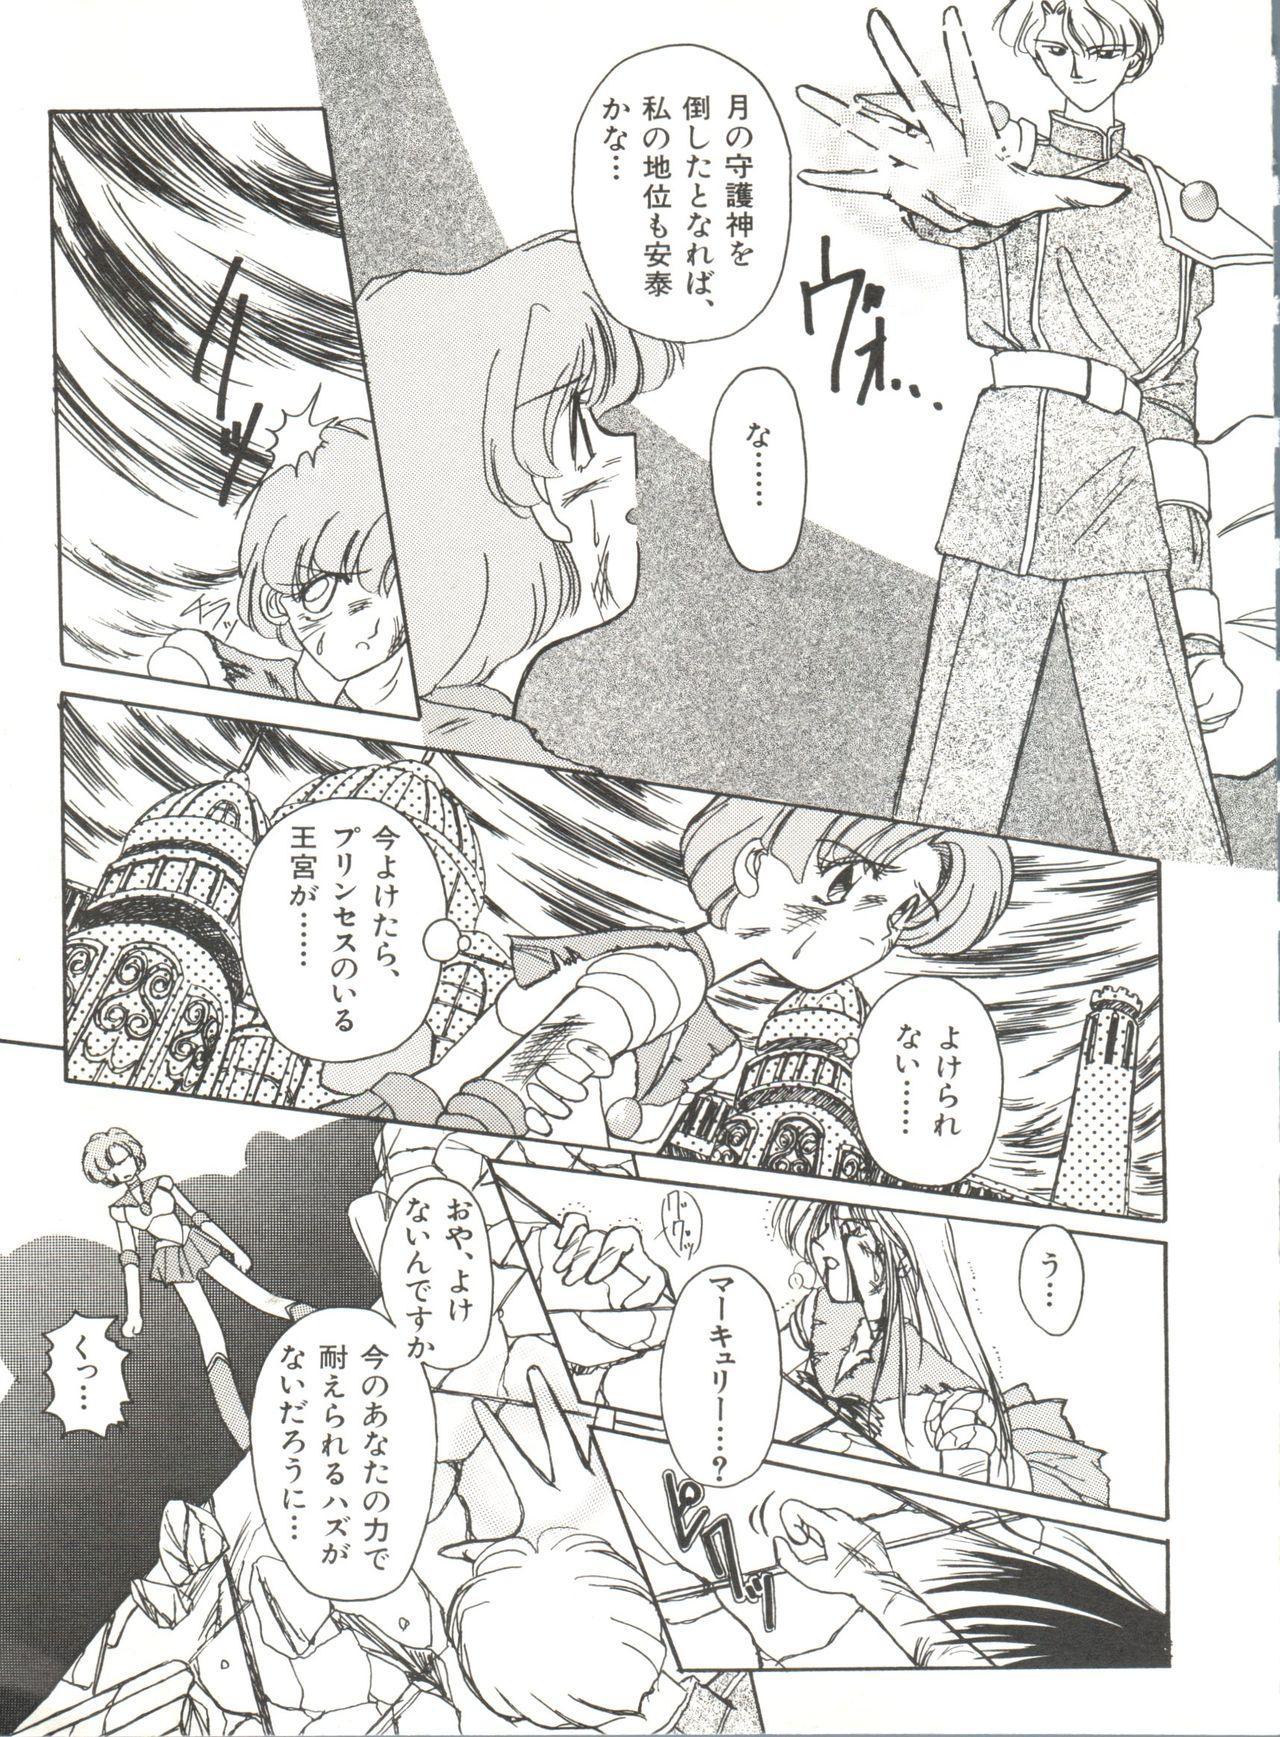 Bishoujo Doujinshi Anthology 12 - Moon Paradise 7 Tsuki no Rakuen 77